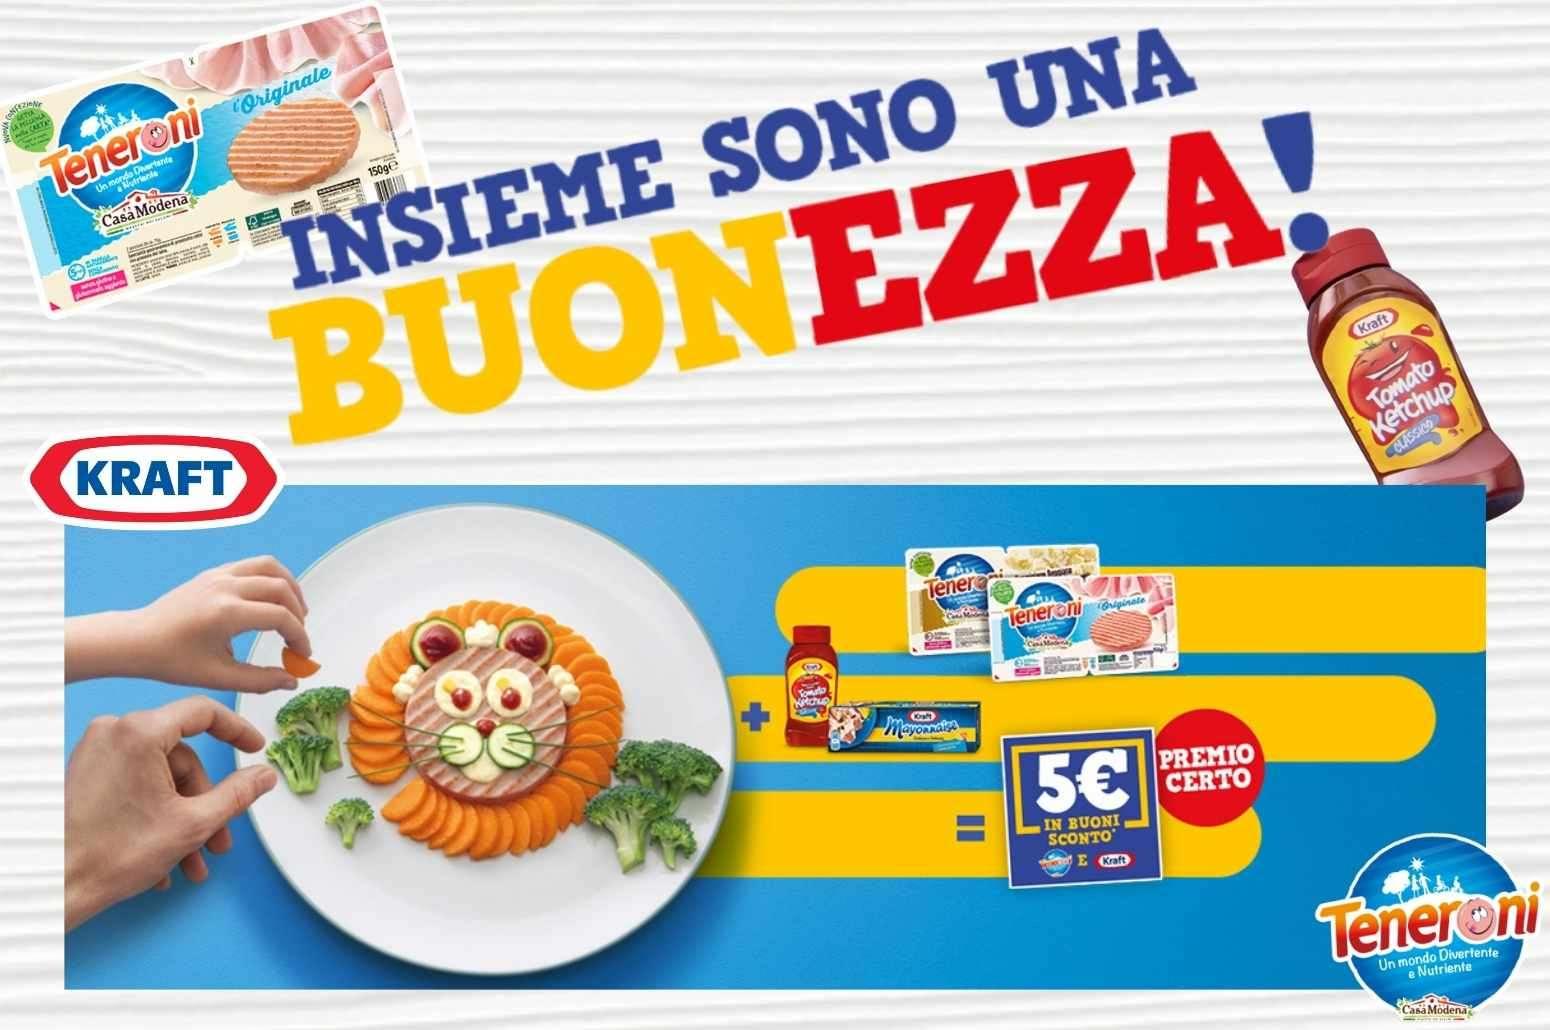 Insieme sono una buonezza ottieni come premio certo 5€ di buoni sconto + un corso di cucina partecipando al contest GosuMania